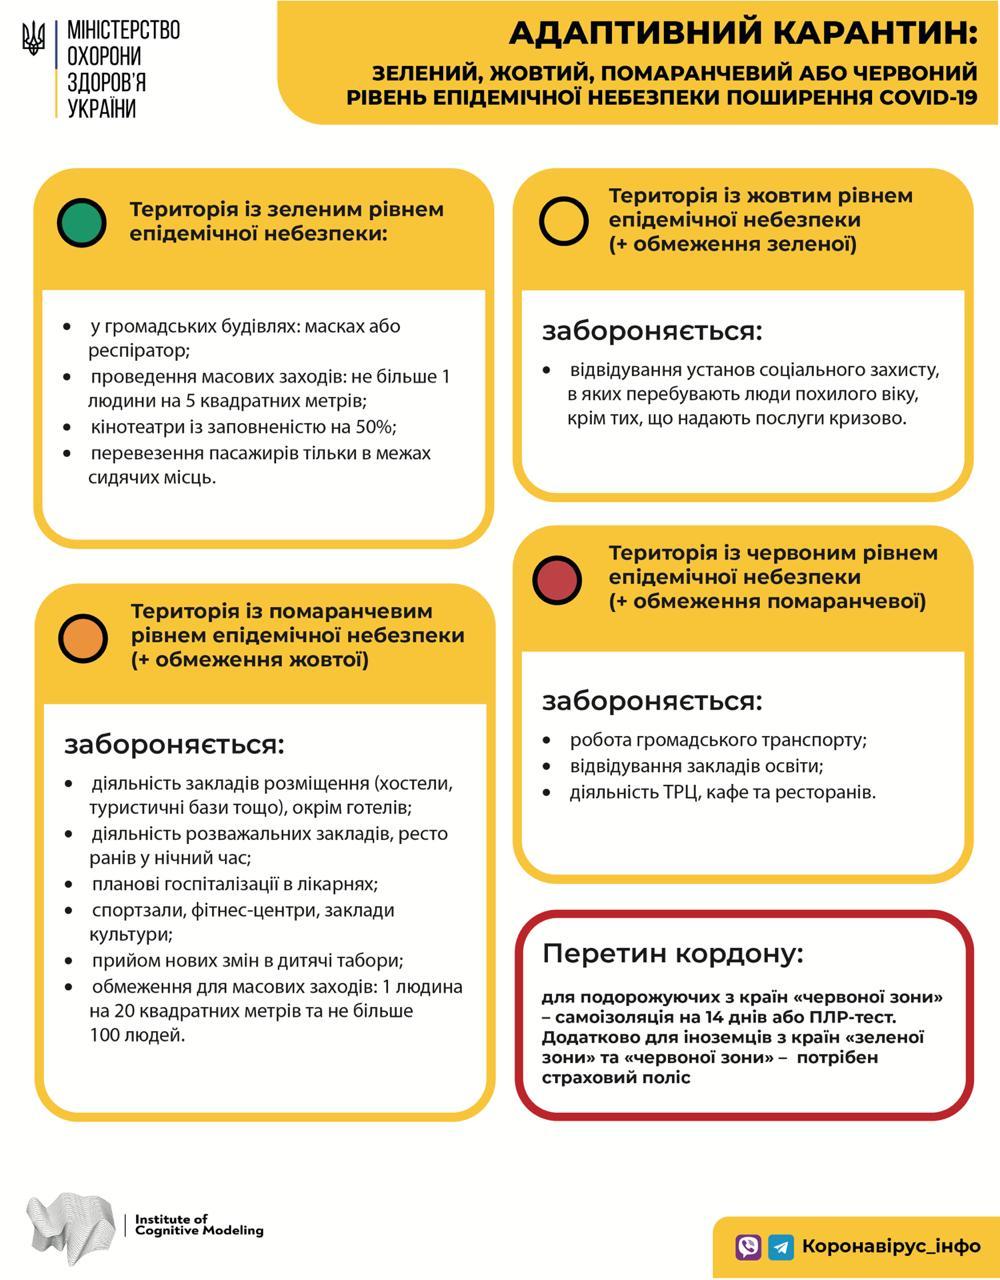 Карантин «вихідного дня» уряд не продовжив – вся Україна «помаранчева» - пандемія коронавірусу, коронавірус, карантин, епідемія коронавірусу, COVID-19 - Karantyn 2020 Pedrada